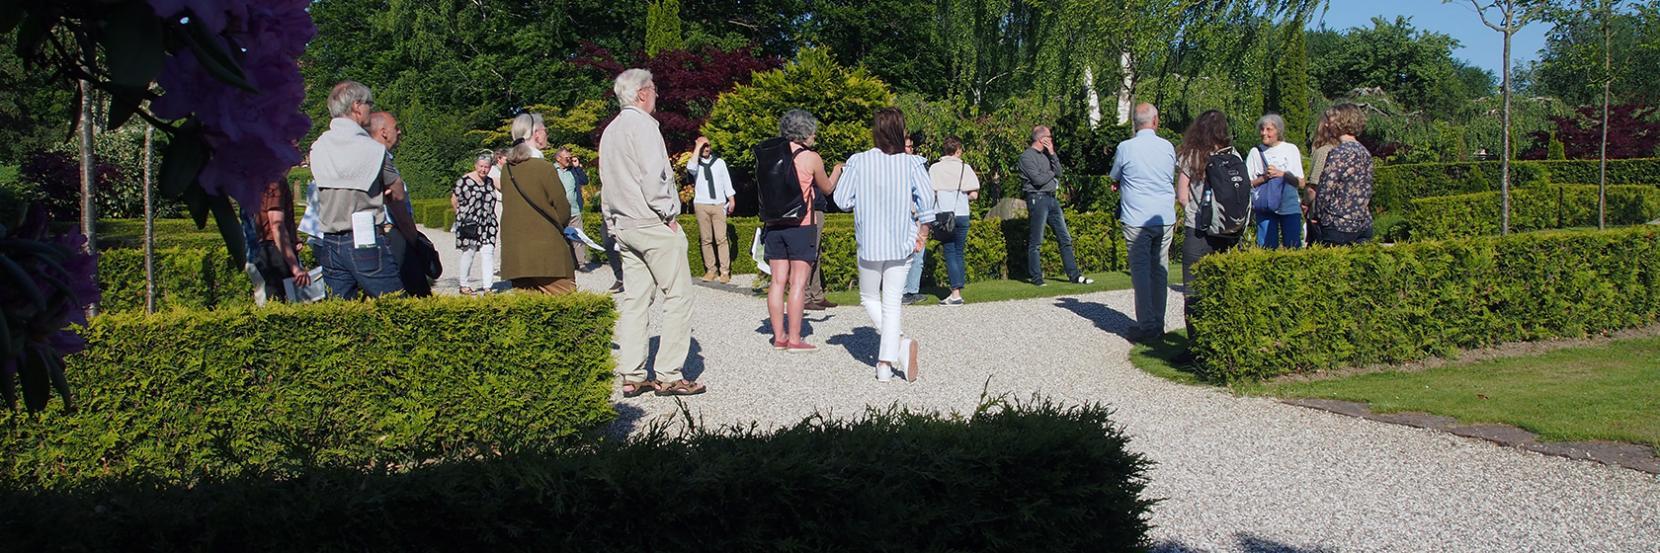 Tidligere i år var der tur på Søllerød Kirkegård